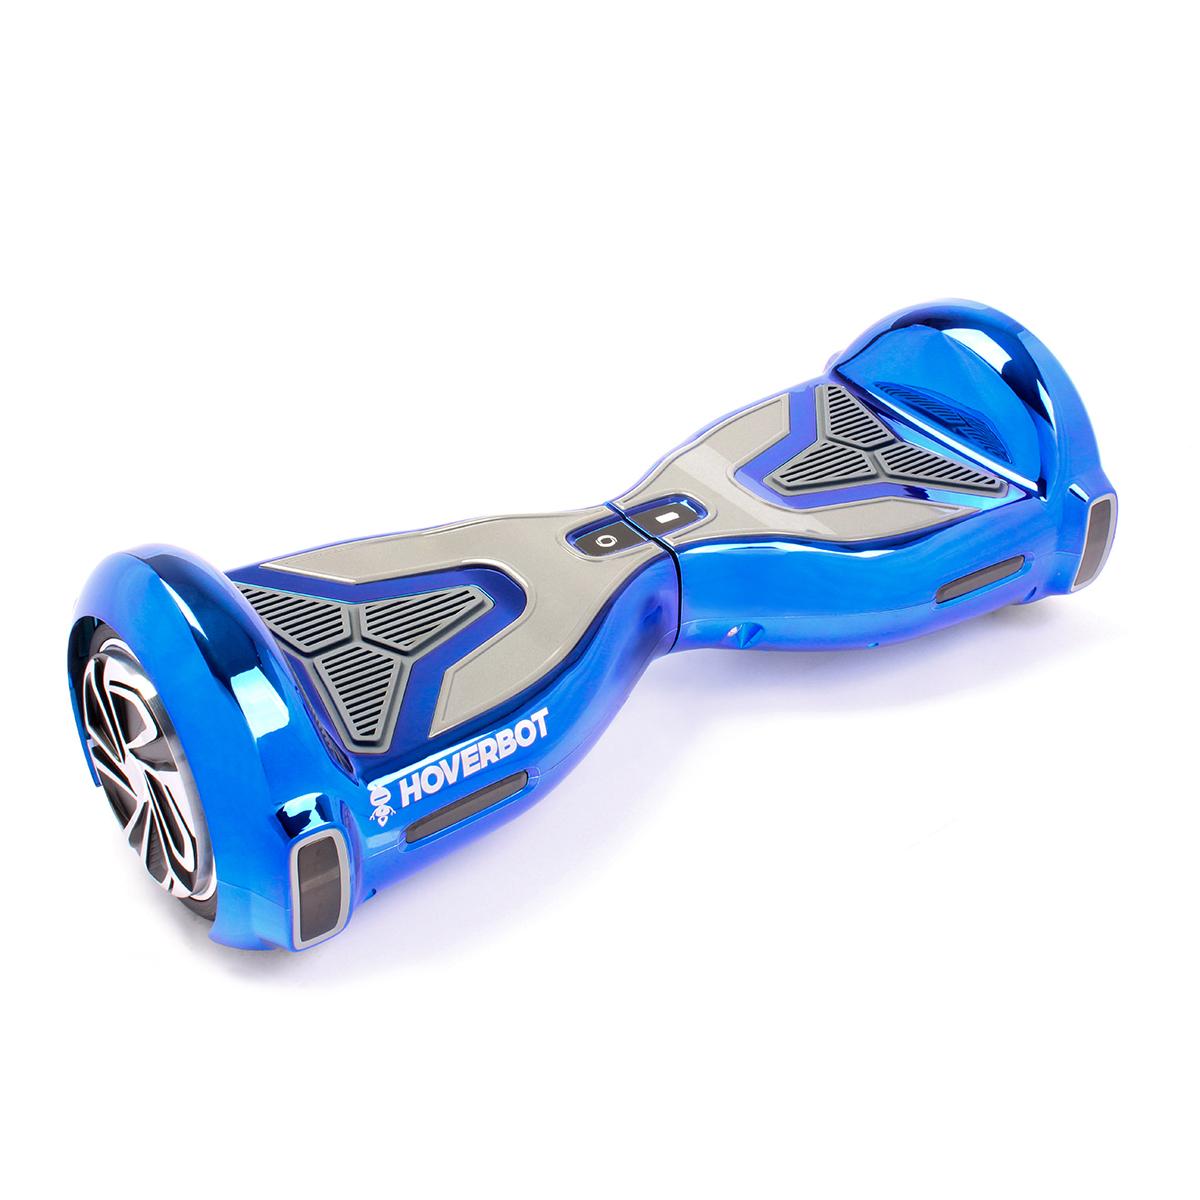 Гироскутер Hoverbot A-15, цвет: синийGA15BEГироборд Hoverbot A-15 новая модель в классе 6,5 колёс с увеличенной мощностью мотора. Ультрамодный, современный дизайн, с яркими глянцевыми корпусами не оставит равнодушным ни хозяина устройства, ни случайных прохожих. Яркая цветовая палитра удовлетворит запросы, как и юношей, так и прекрасную половину человечества - жёлтые, золотые, зелёные, красные, голубые, металлик, чёрные-на любой вкус и цвет. Борд преодолевает дистанцию до 15 км на одном заряде батареи. Hoverbot A-15 имеет высокую степень пыле и влаго защиты IP54, выдерживает максимальную нагрузку до 120 кг! Оснащён bluetooth передатчиком, который позволяет связаться с любым вашим устройством и воспроизводить различные аудио файлы, музыку, книги, радио. Для управления гиробордами Hoverbot, для смартфонов на базе Android и IPhone, было разработано специальное программное обеспечение Hoverbot, через которое вы можете подобрать для себя оптимальный режим работы A-15. Так же через ПО вы можете выставить ограничение по скорости,...